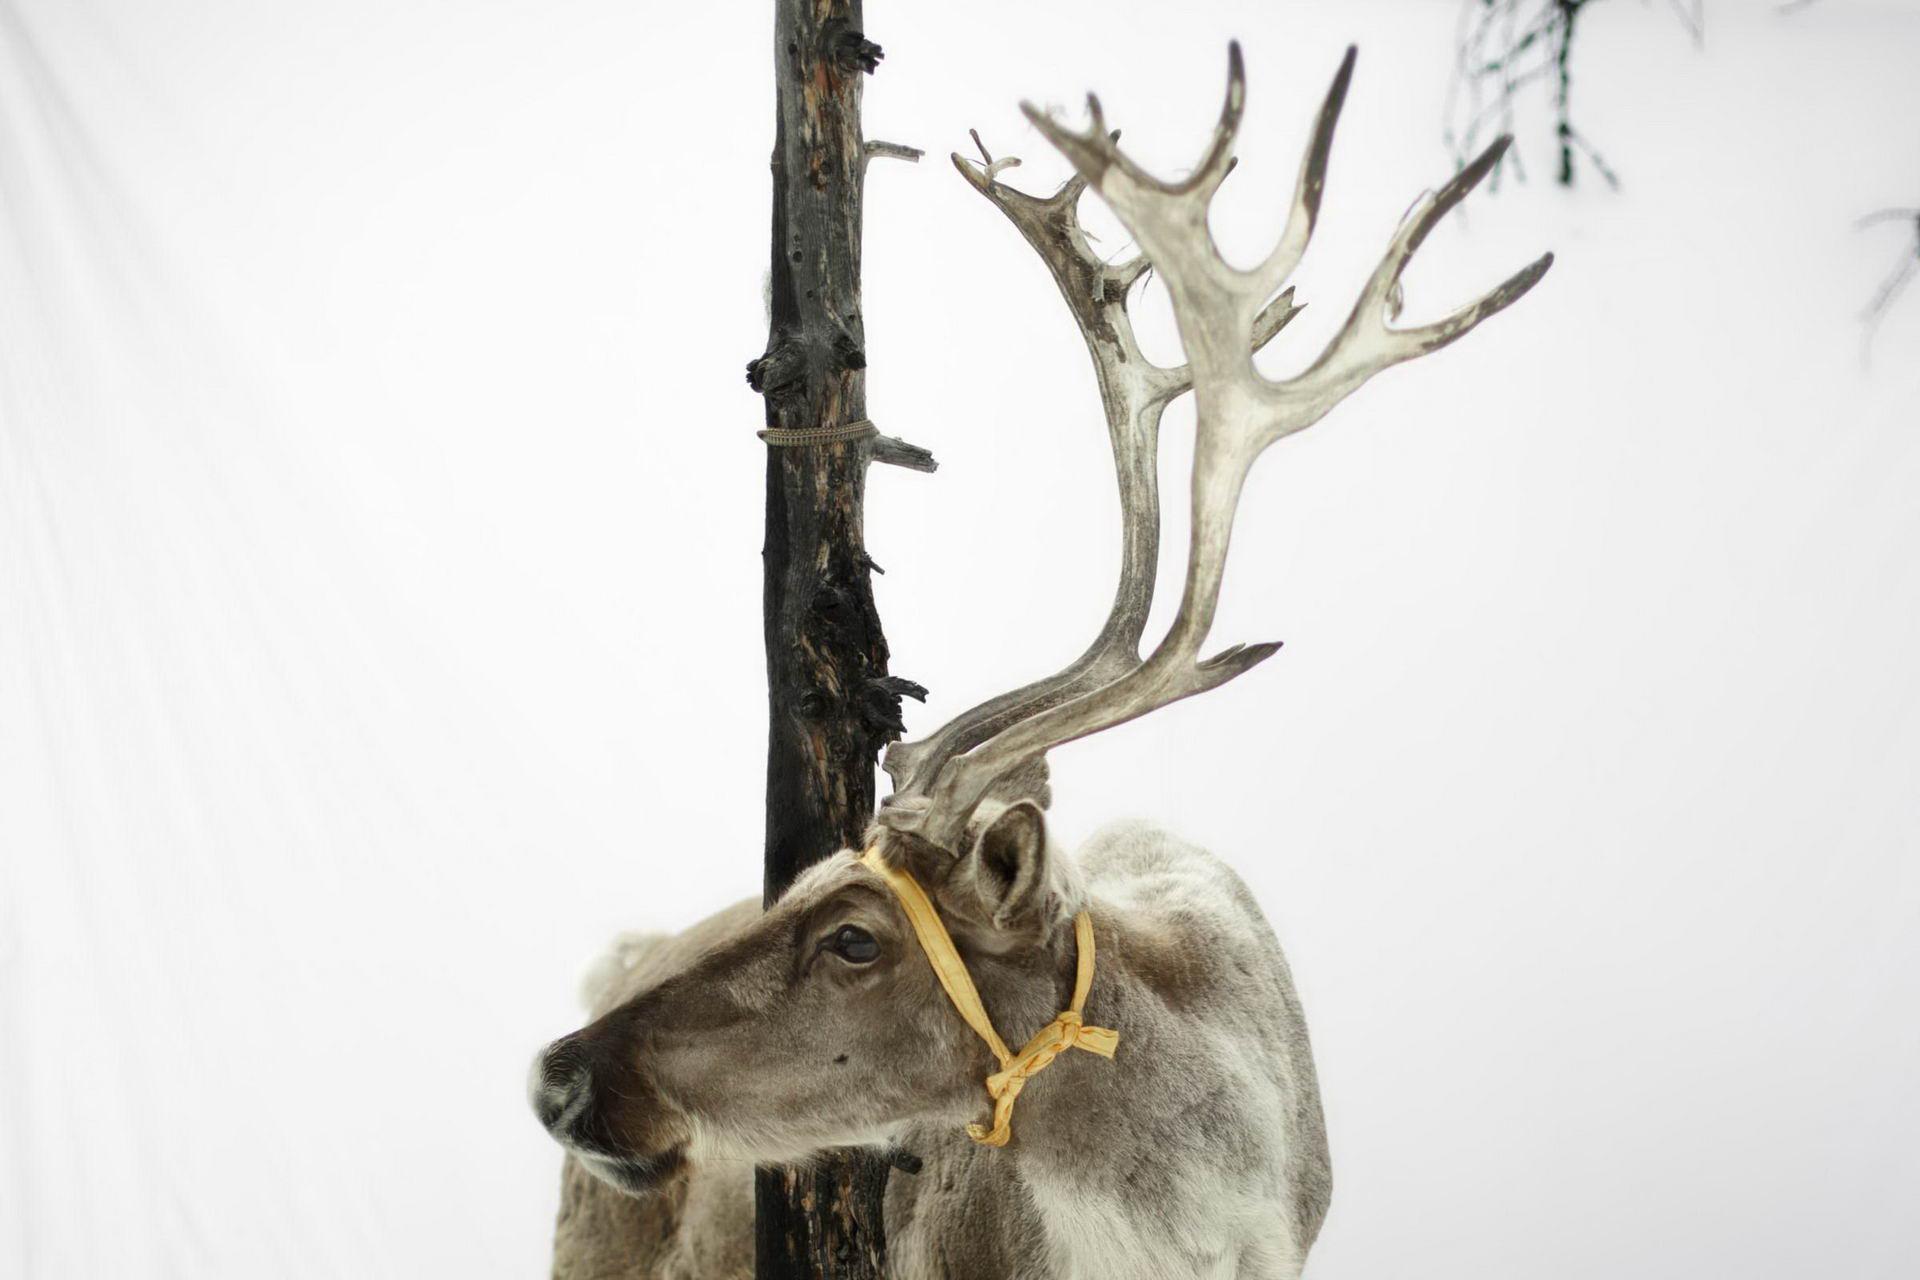 1527770363_mongolia_reindeer_herders_fear_lost_identity_002453_003